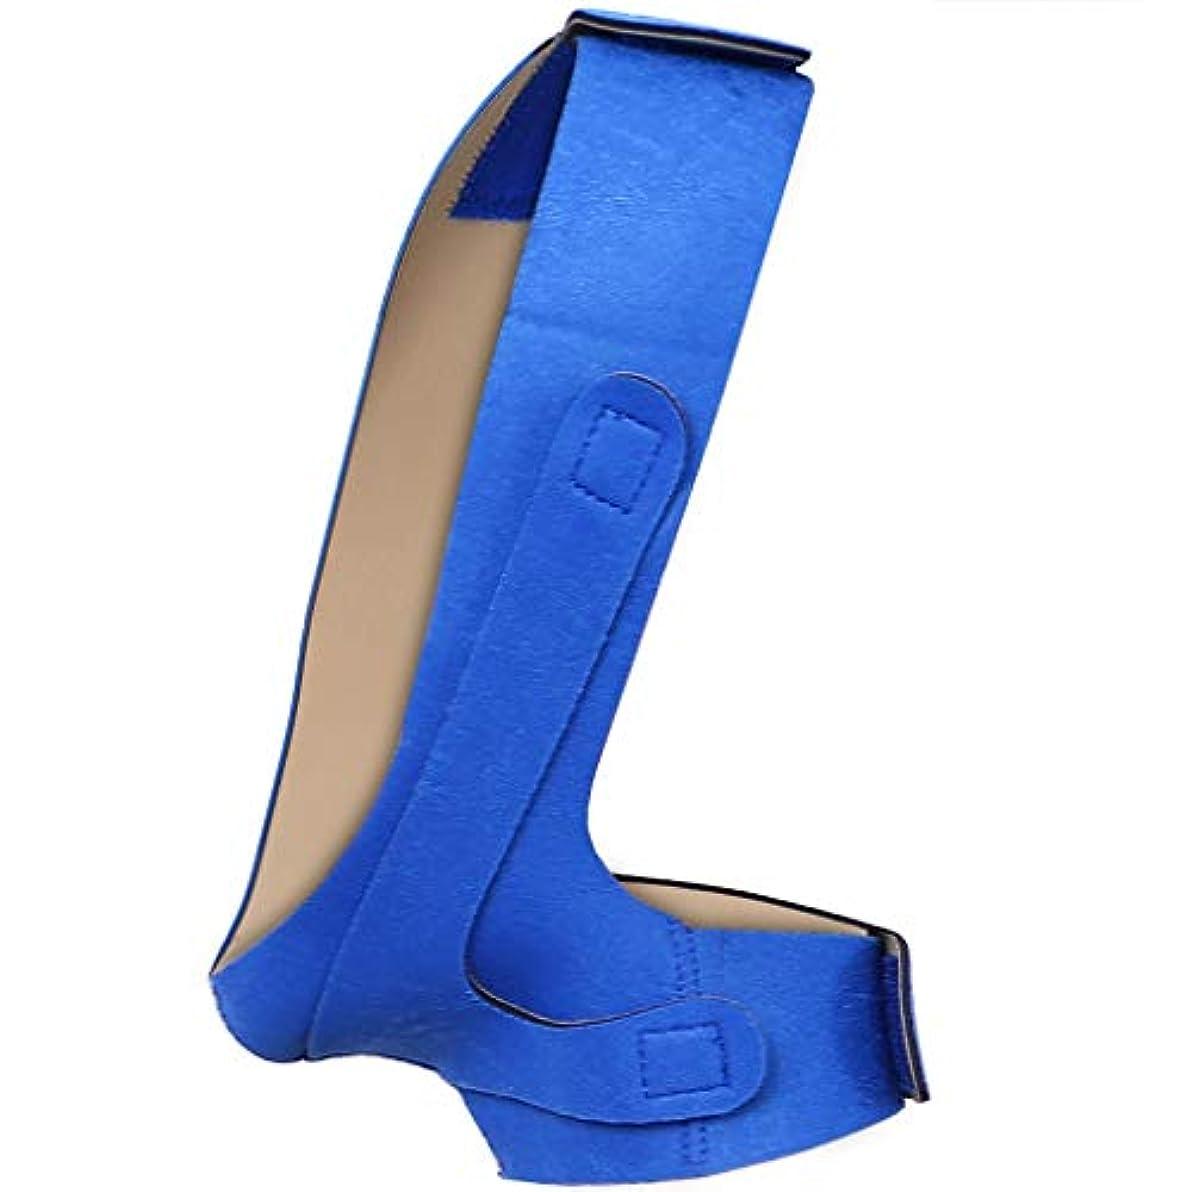 元のボイラー姉妹Jia He 軽量 アンチリンクルフェイス二重あごビームフェイスベルトを持ち上げる薄い顔ベルト、通気性睡眠包帯Vフェイスアーティファクト ## (Color : Blue)